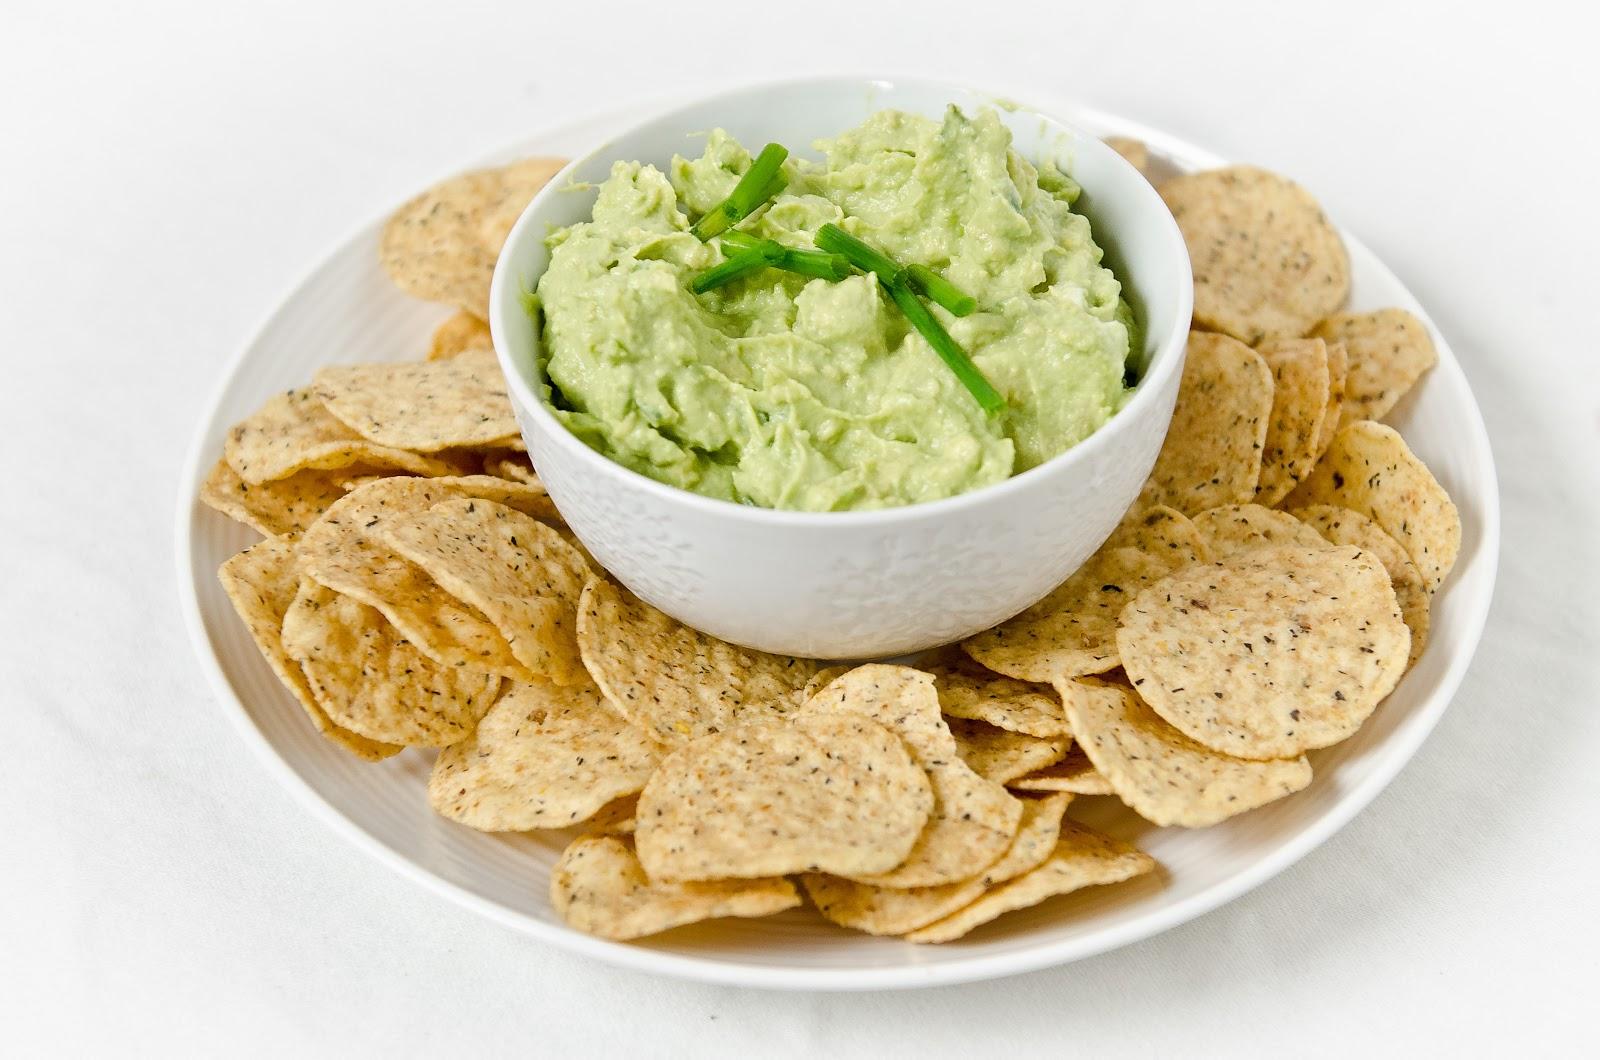 ... had never had an avocado nor ever ventured trying guacamole guacamole